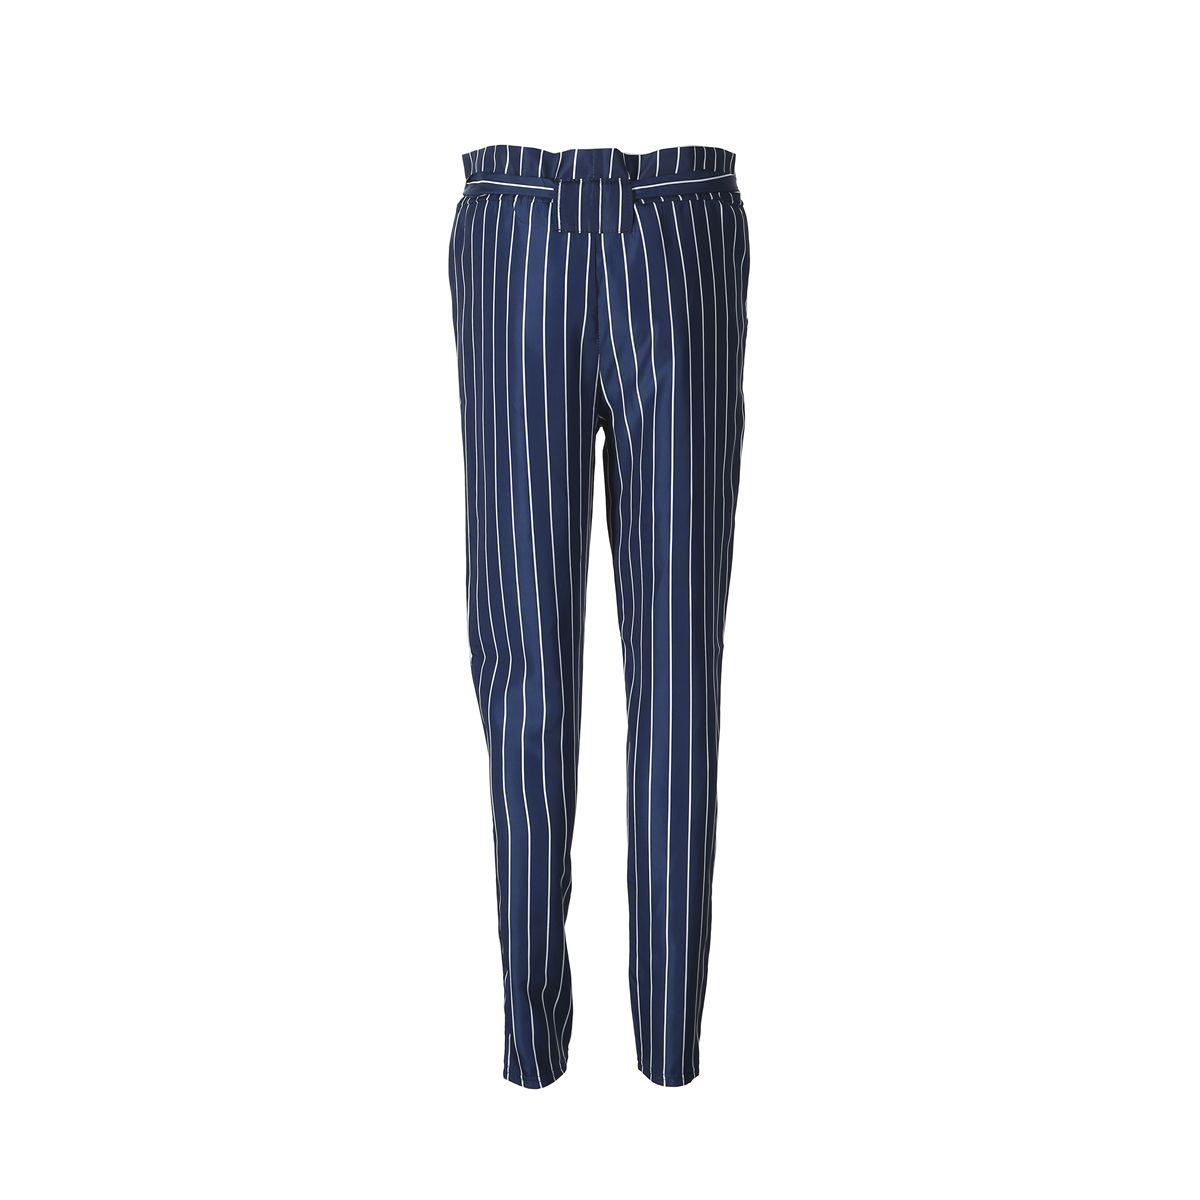 2018 neue Art und Weise Frauen-hohe taillierte gestreifte Harem-Hosen-elastische Taillen-Plaid Harem-lange Hosen Beiläufige weibliche lose Hose